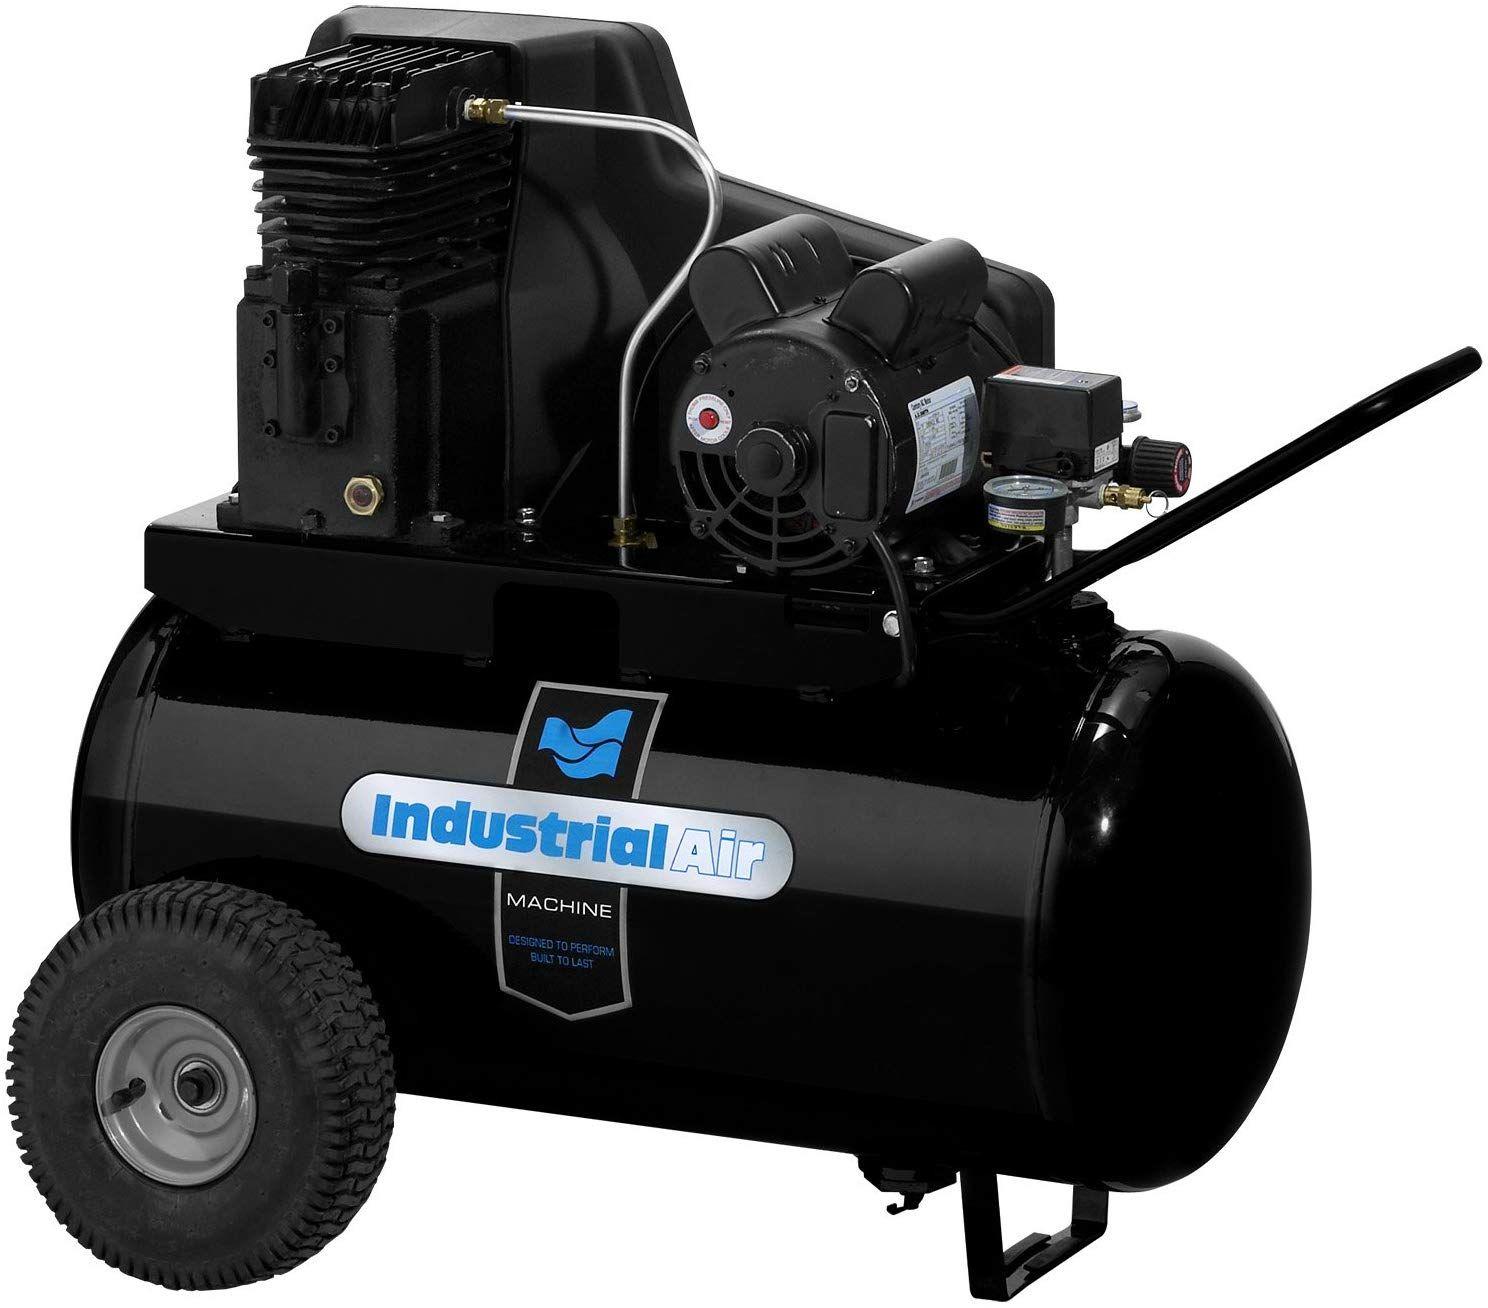 Industrial Air IPA1882054 20Gallon Belt Driven Air